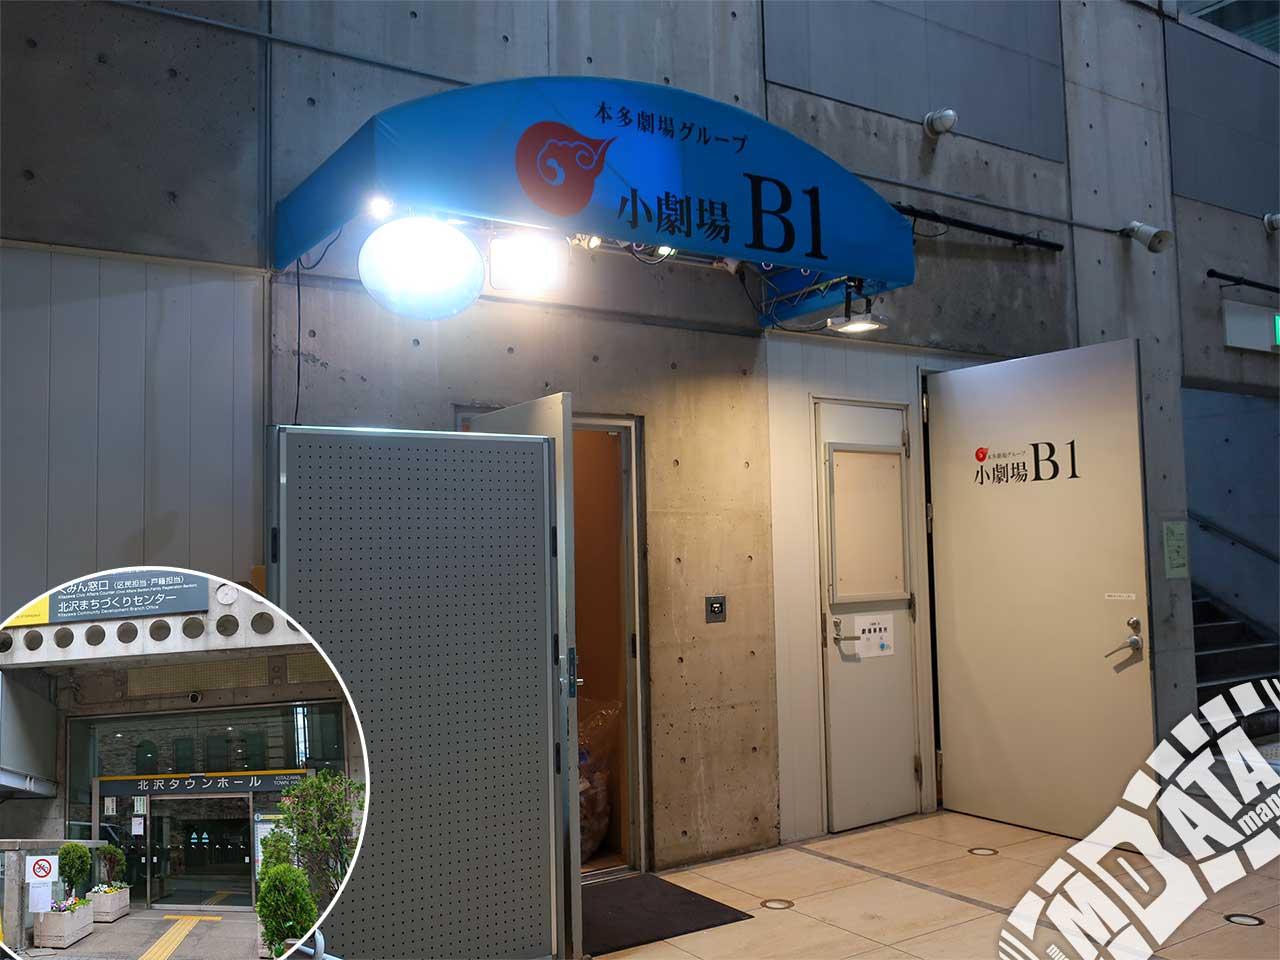 小劇場B1の写真 撮影日:2019/4/1 Photo taken on 2019/04/01